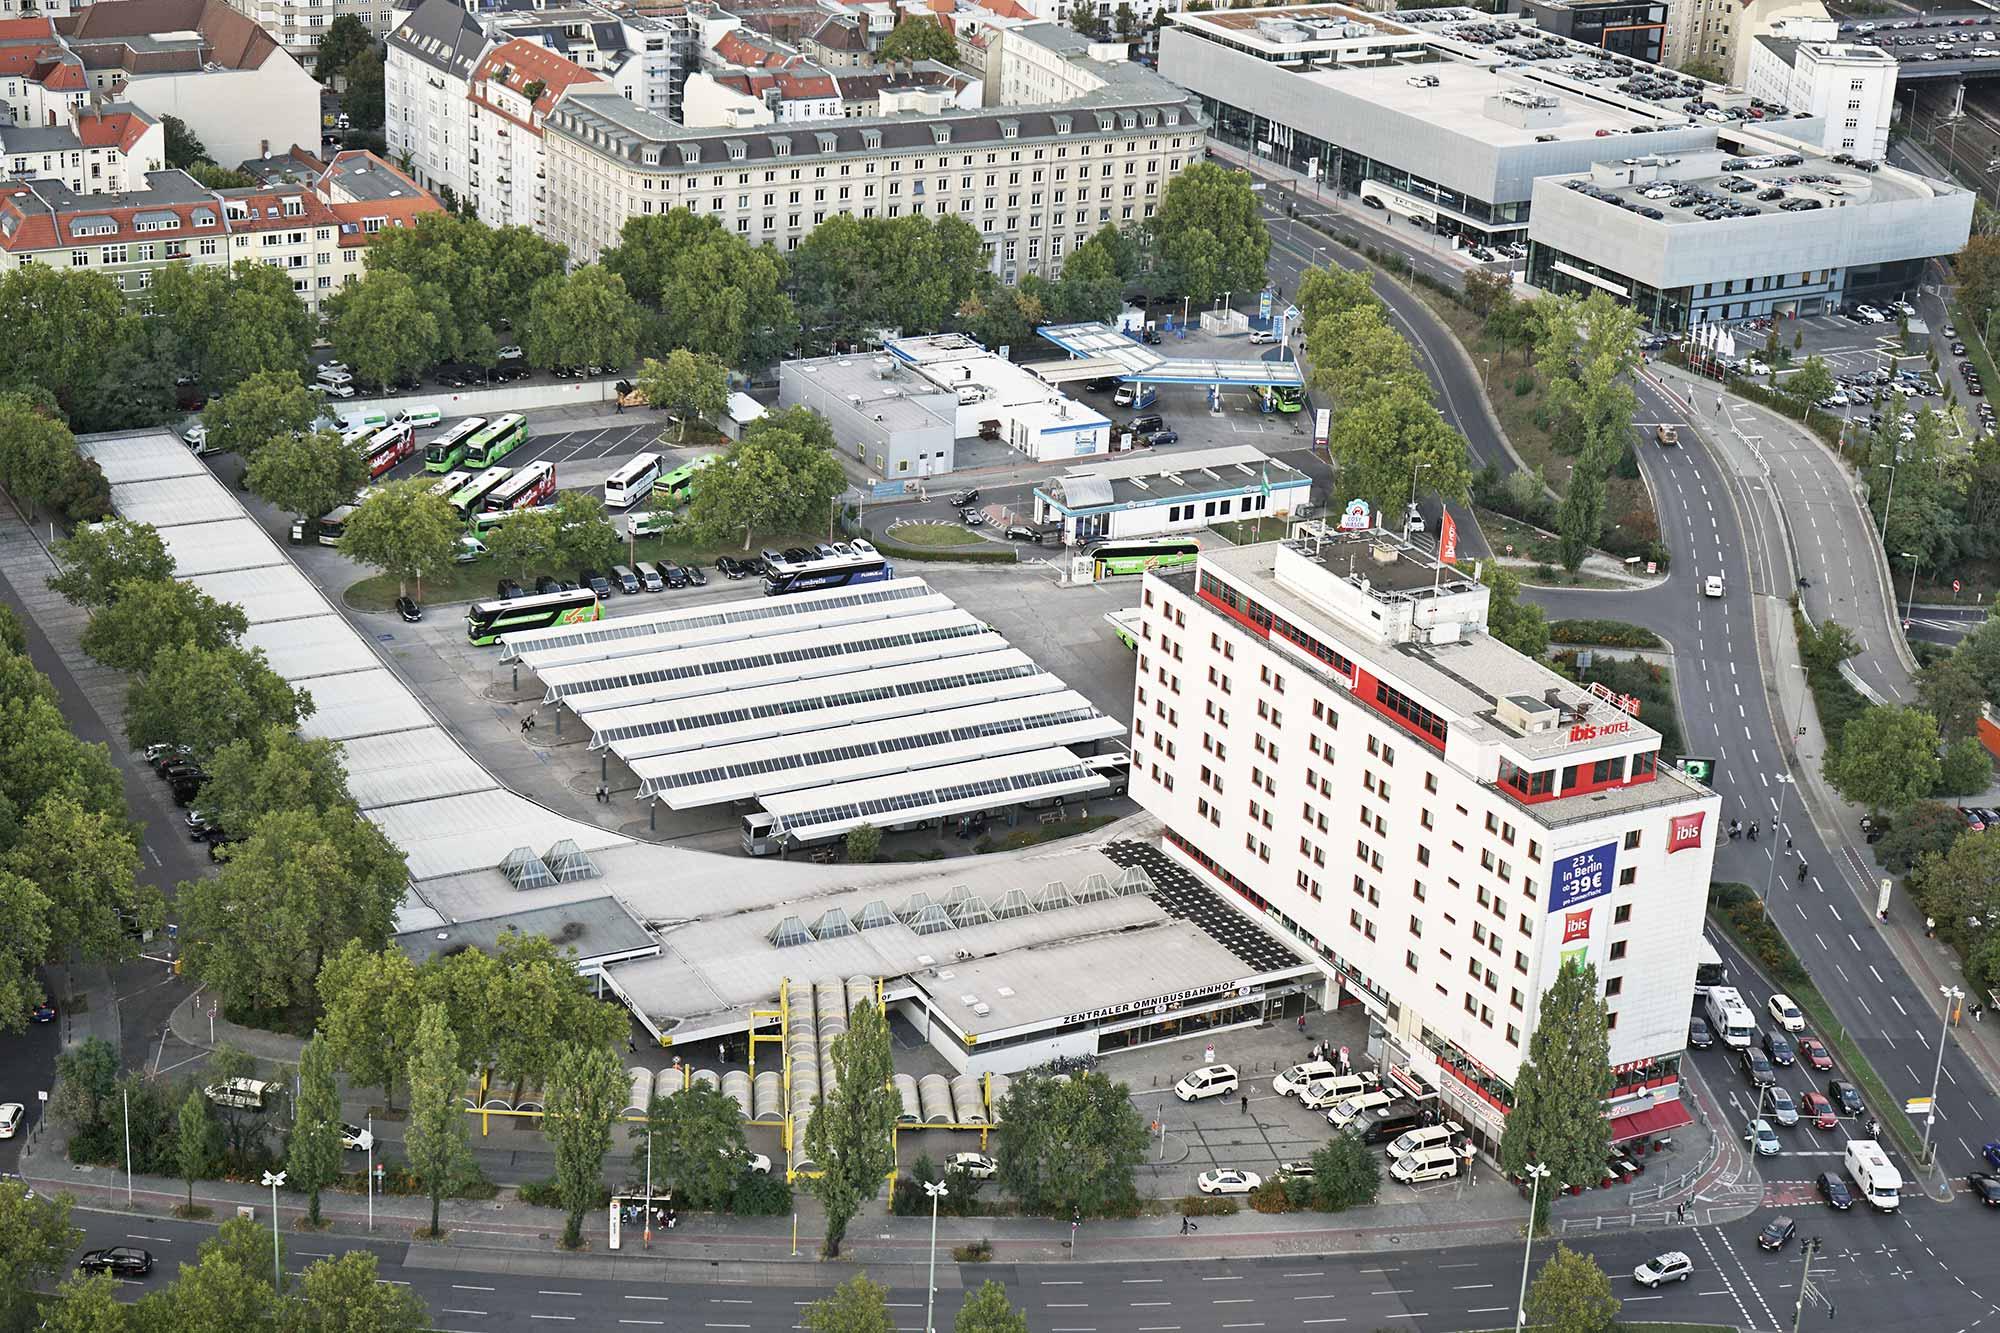 Der Zentrale Omnibusbahnhof (ZOB) am Funkturm ist 50 Jahre alt. Gerade wird er ausgebaut. 50 Busfirmen unternehmen täglich 780 An- und Abfahrten, für jährlich rund 5,5 Mio. ReisendeFoto: Gilly / flickr / CC BY 2.0